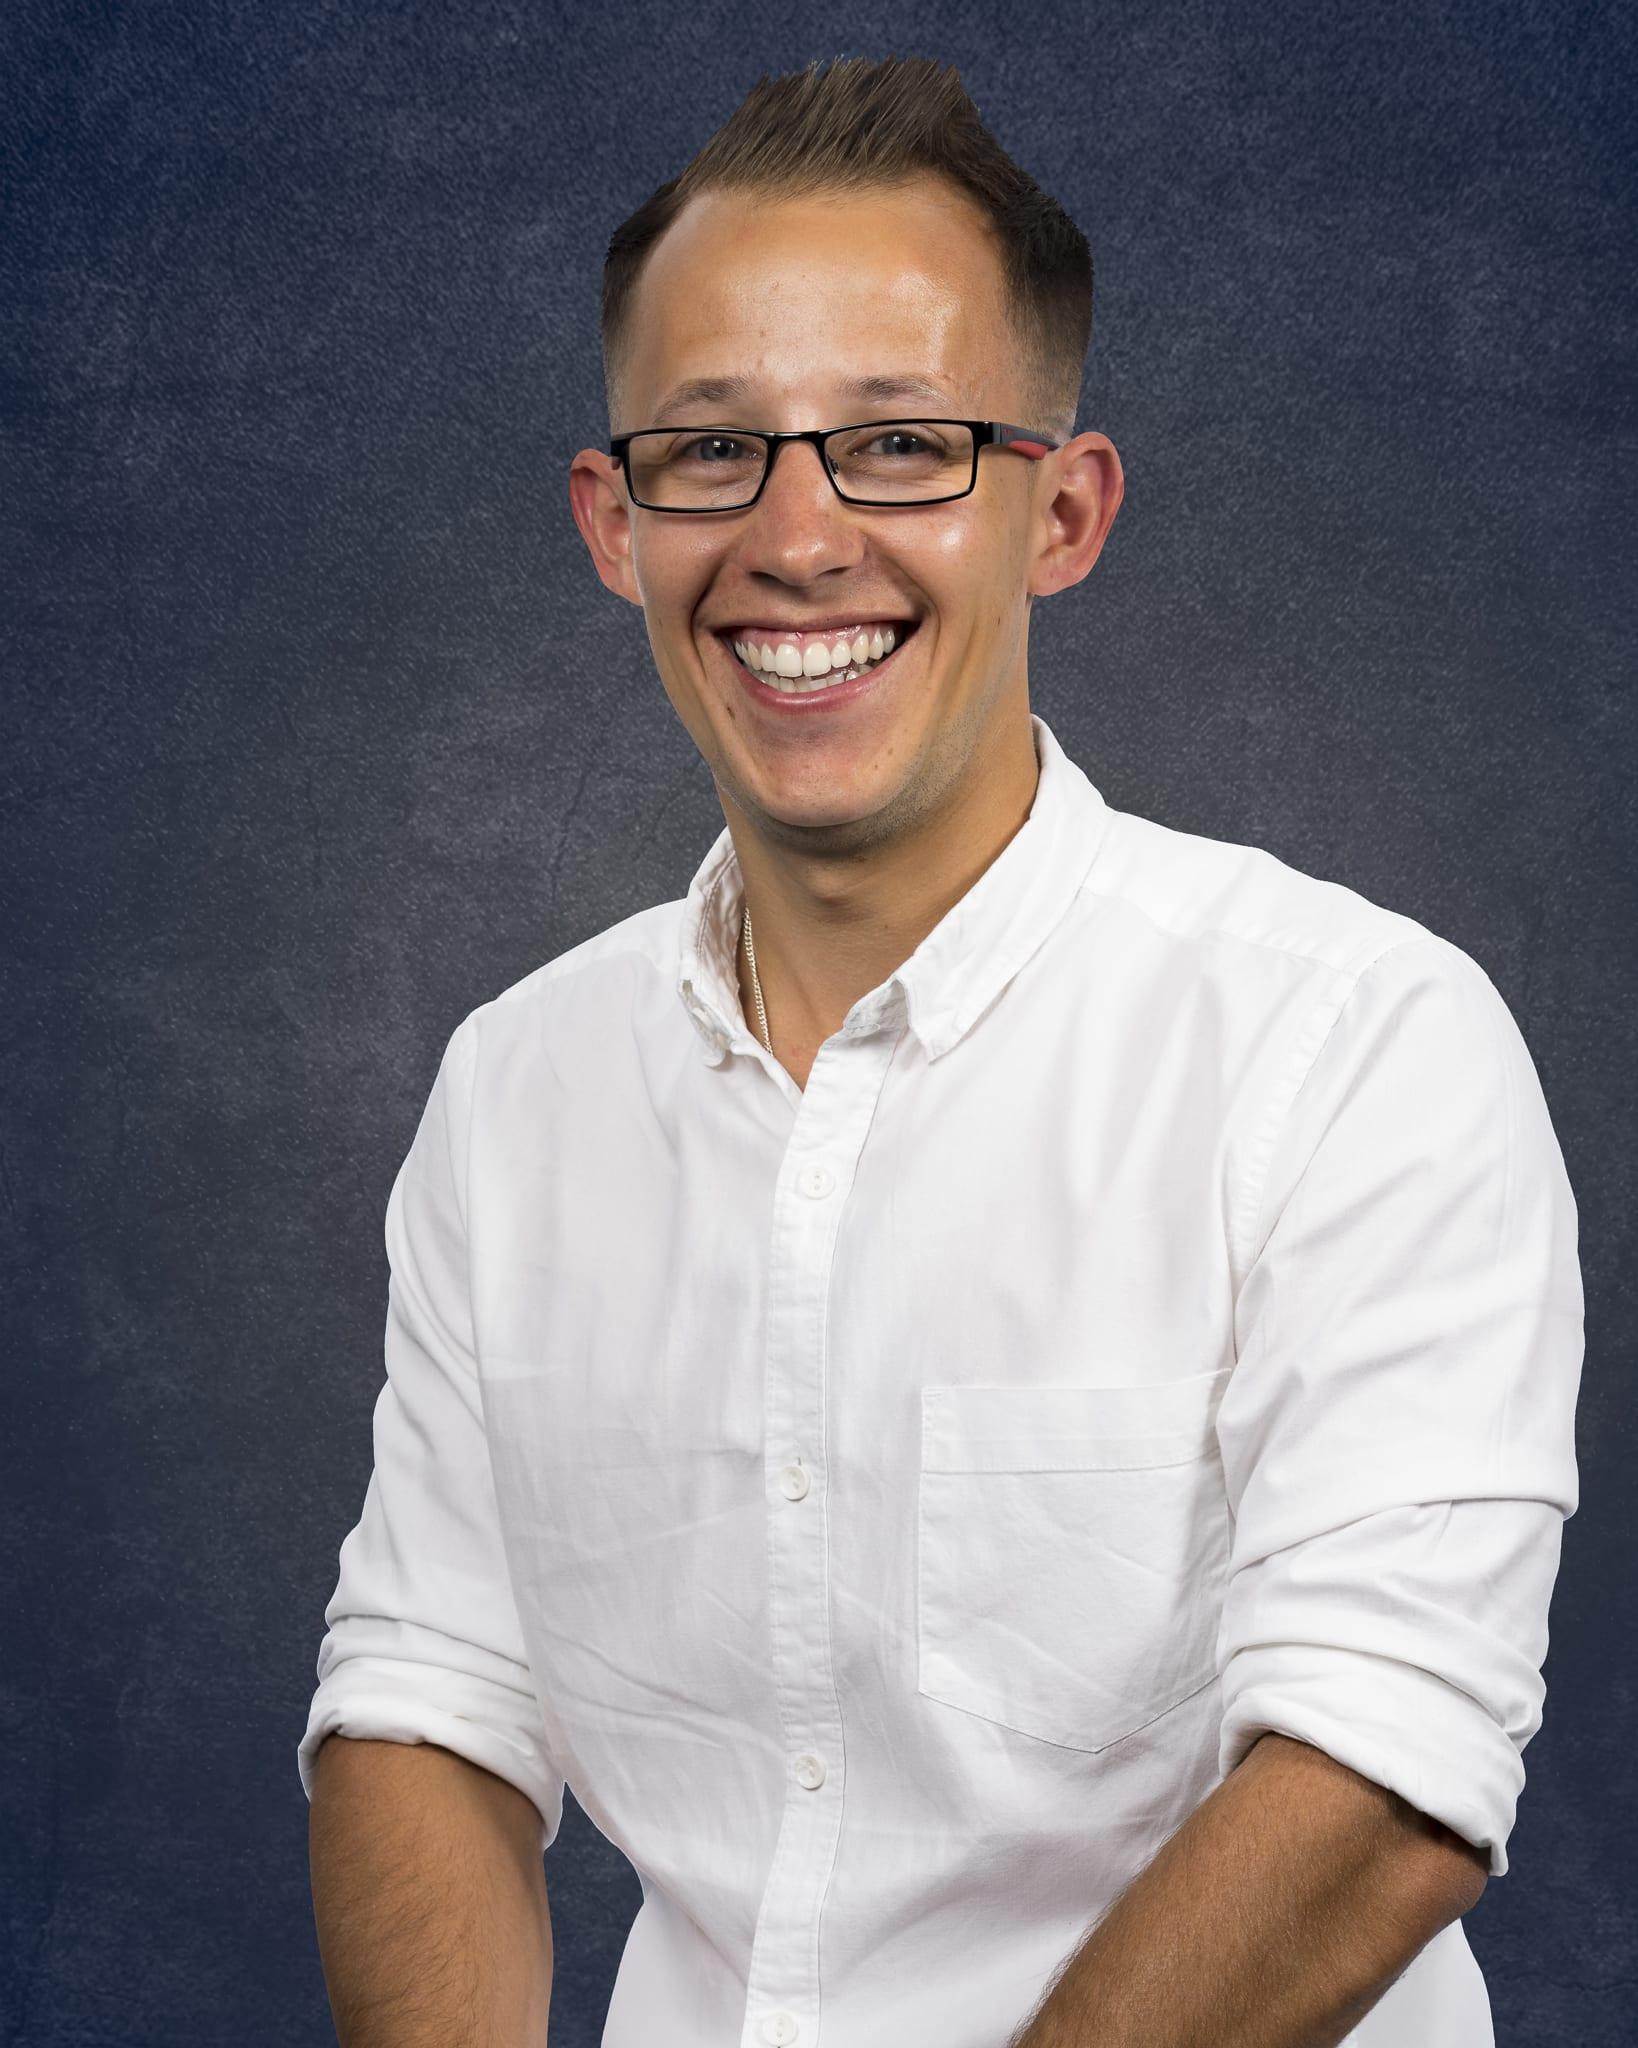 Photograph of Jordan Gooding